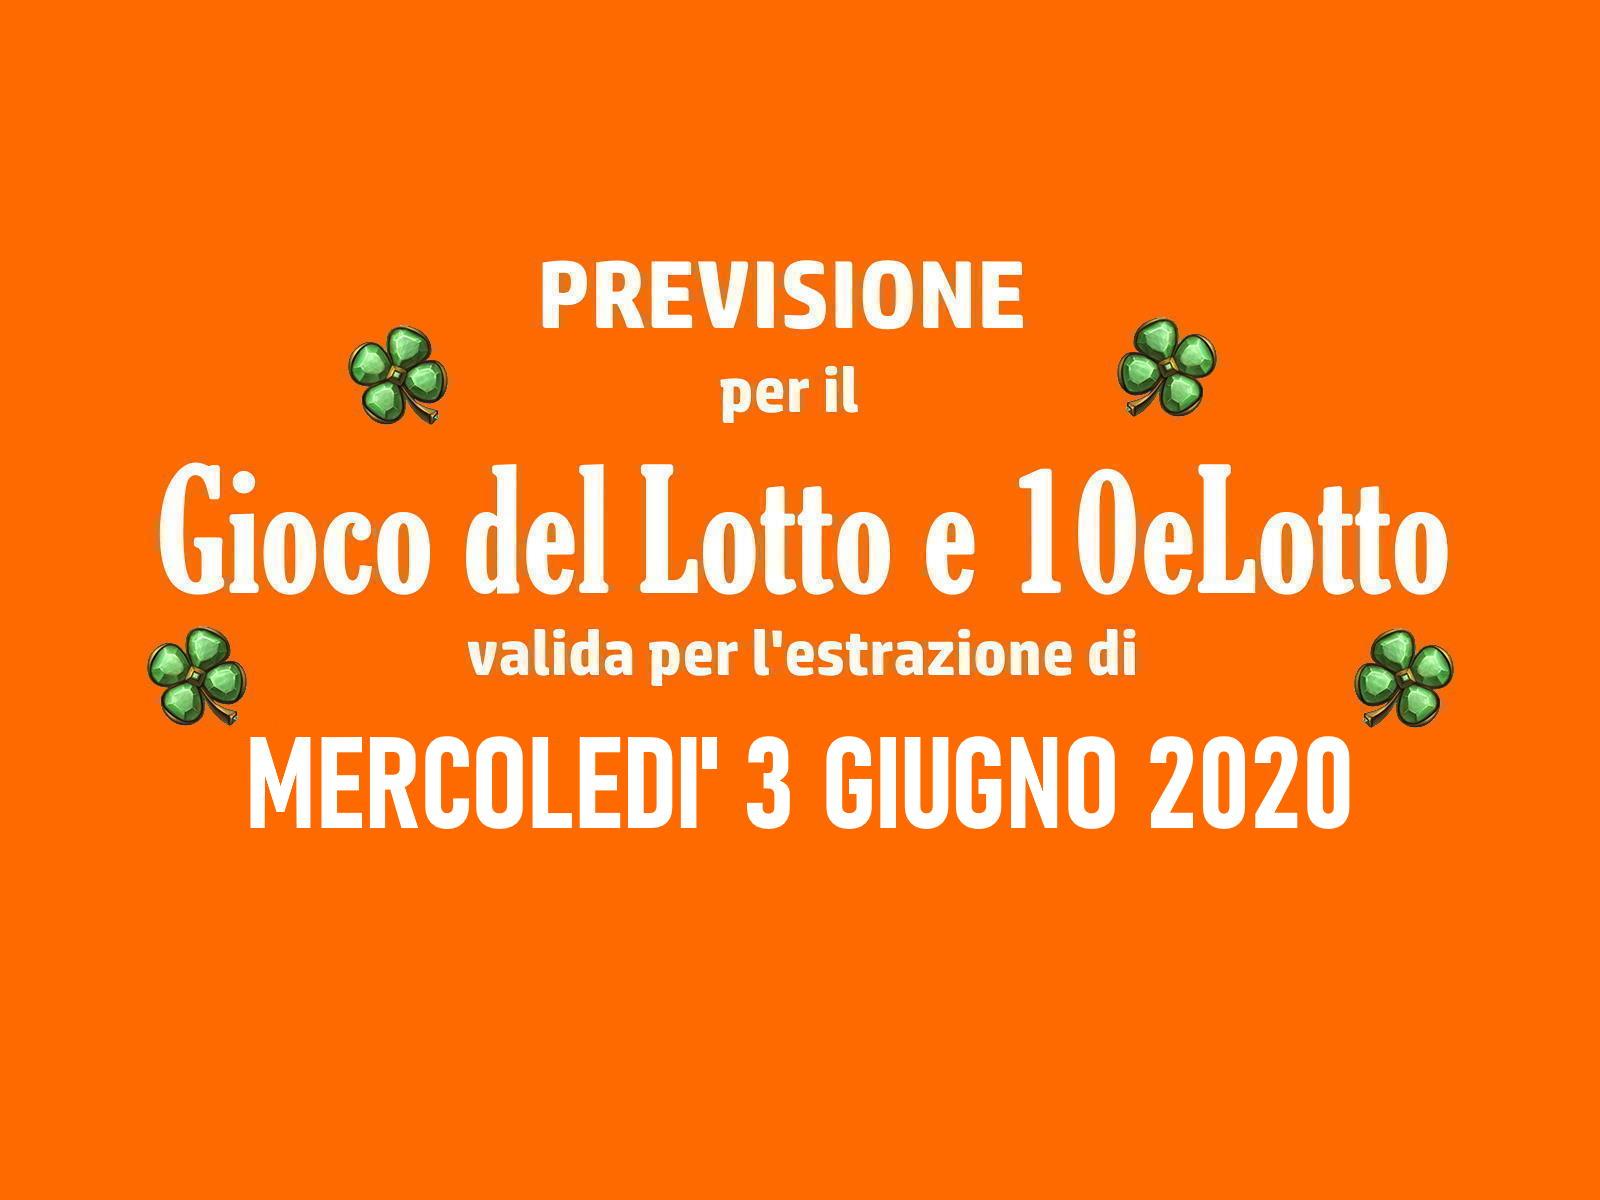 Previsione Lotto 3 Giugno 2020